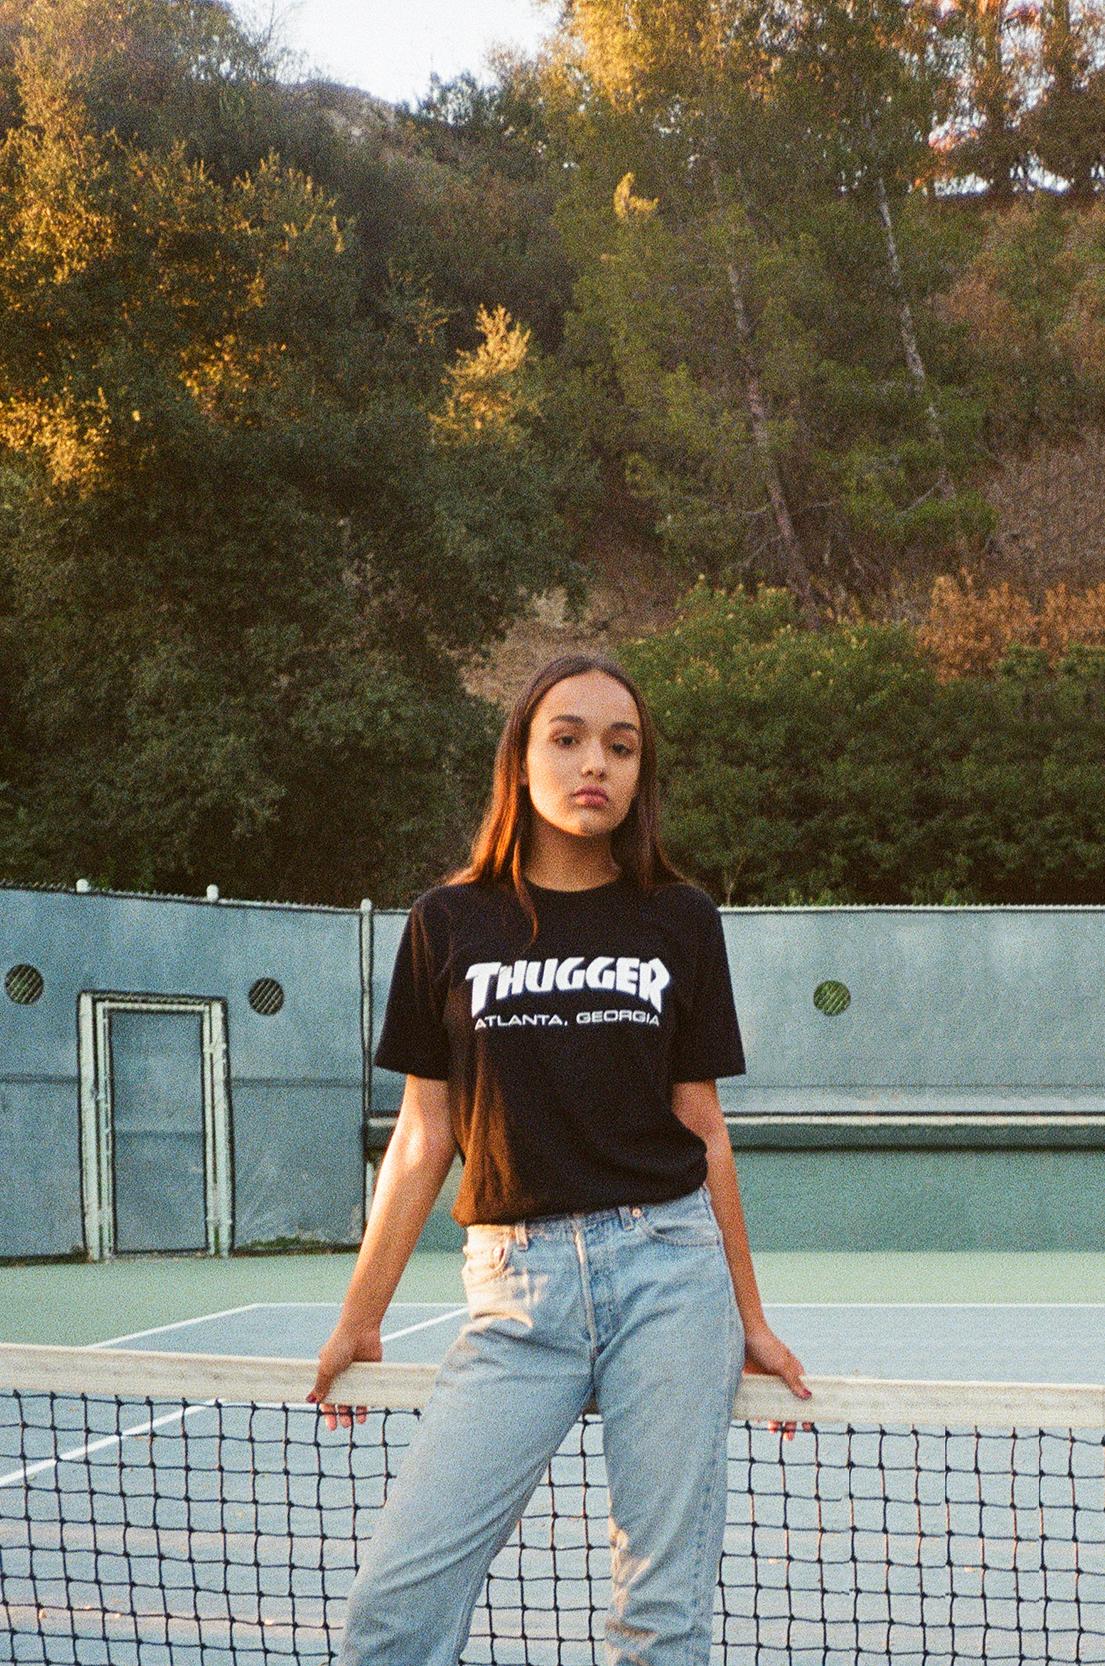 The Young Thug x Thrasher 'Bootleg' Tees Are Back news